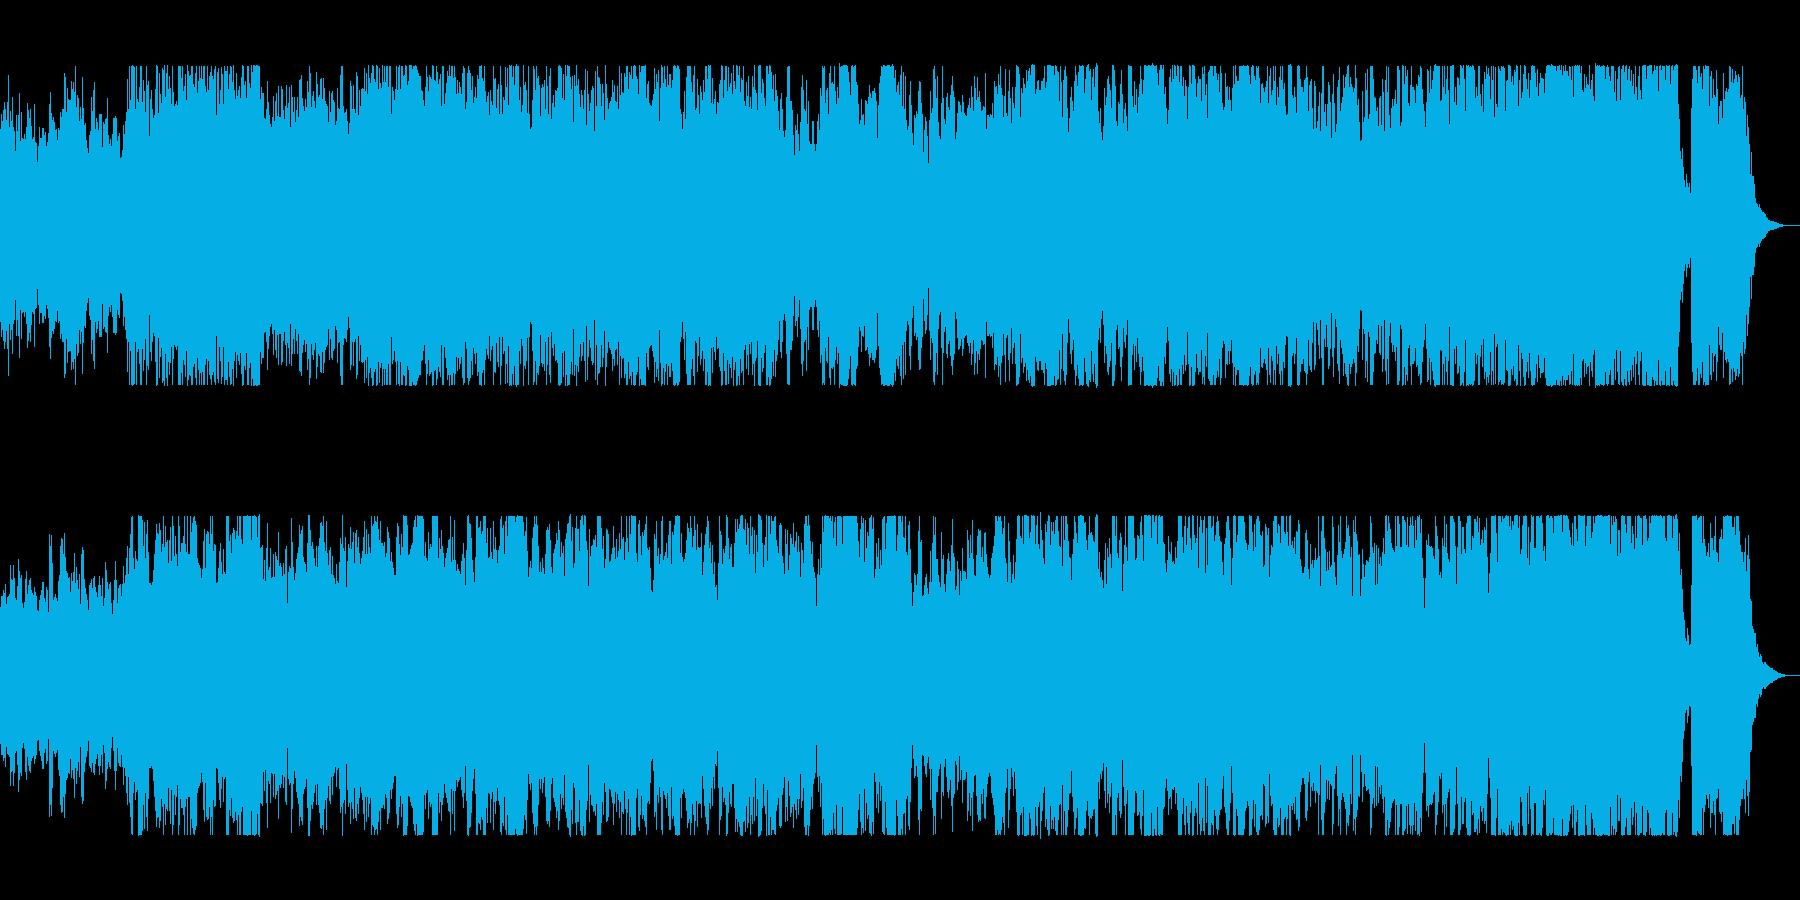 躍動感のあるオーケストラサウンドの再生済みの波形